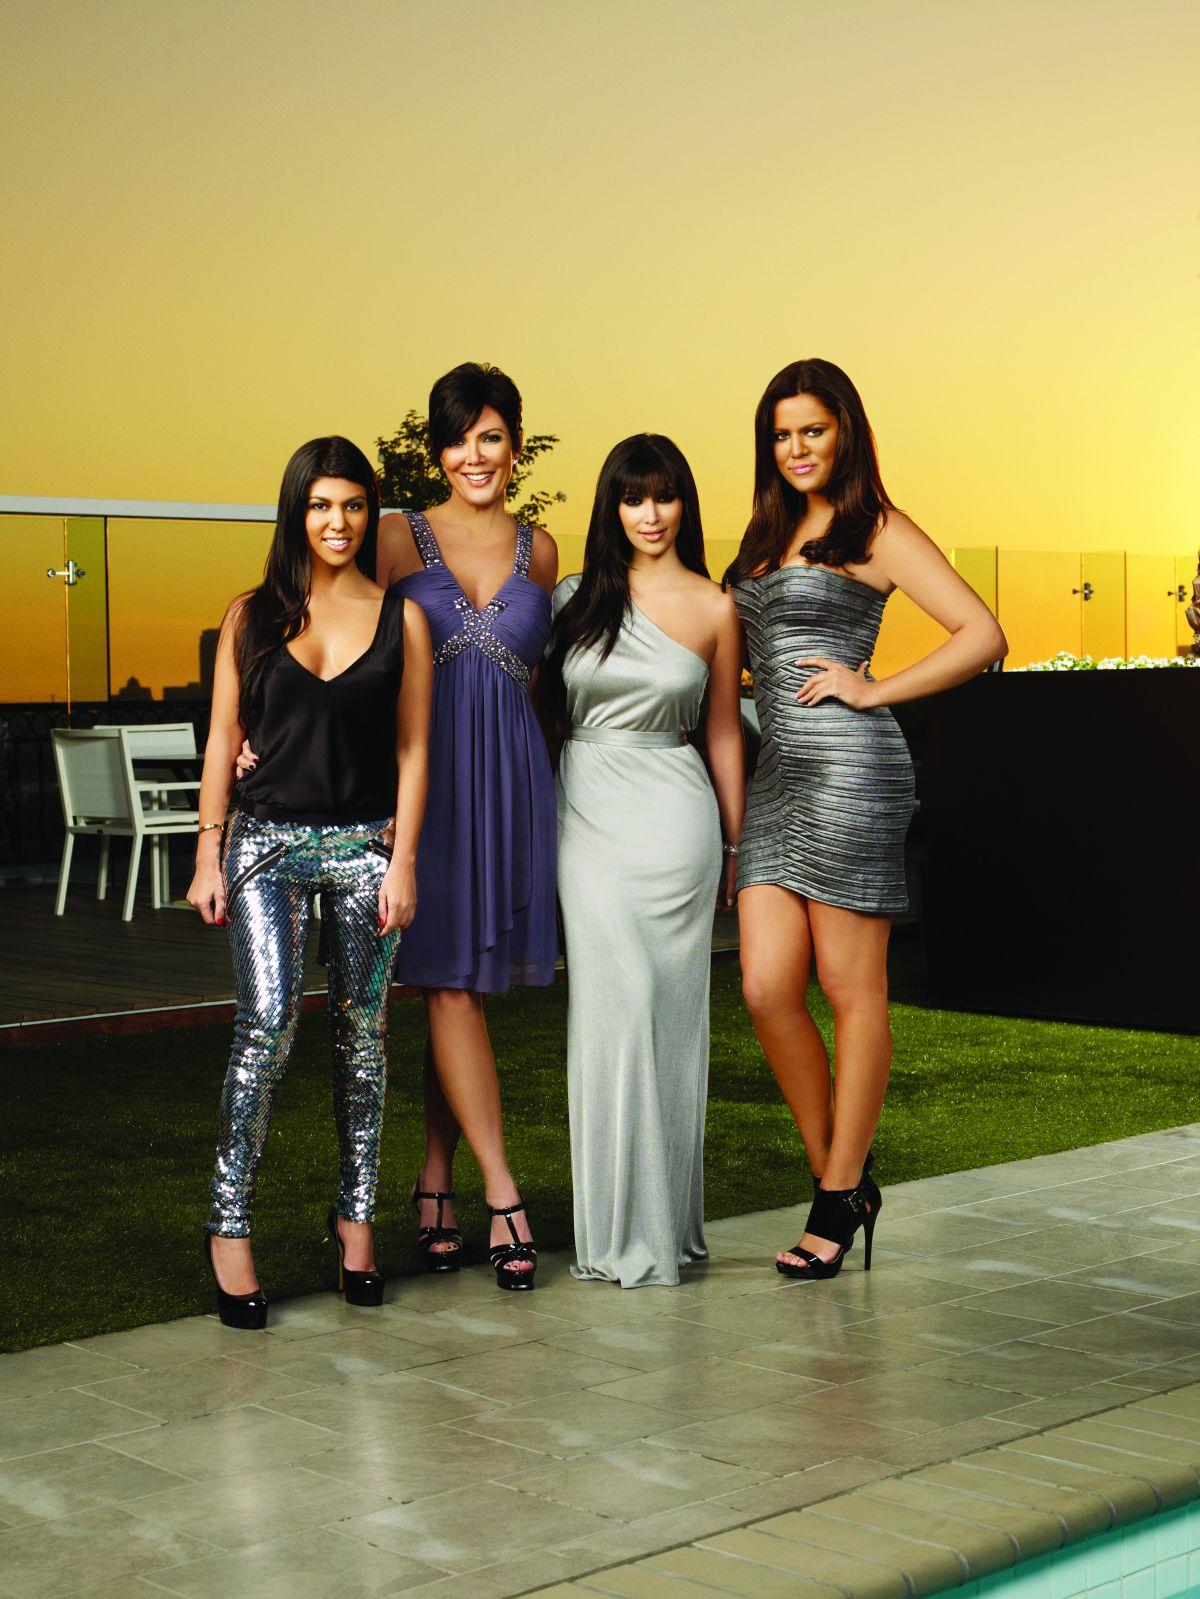 Zdjęcie: z kamer u kardashianow sezon tv 3 01